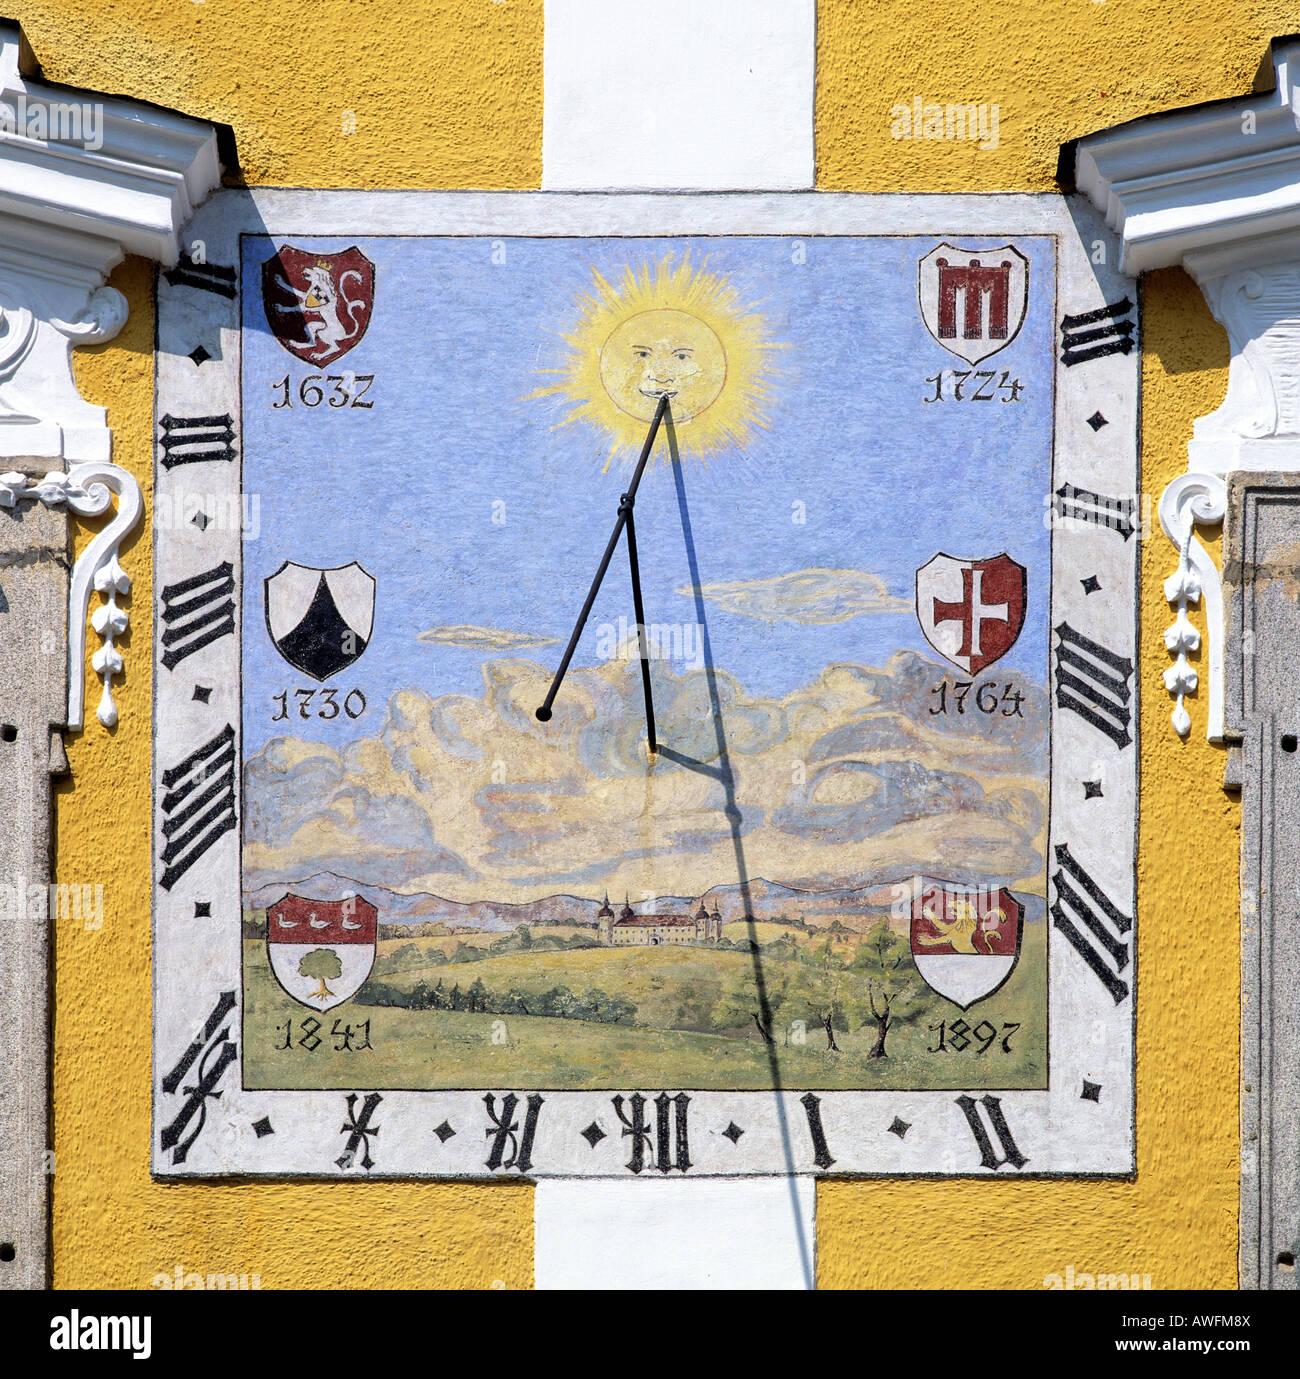 Sun dial, Schloss Tillysburg (Tillysburg Palace), Linz, Upper Austria, Austria, Europe - Stock Image